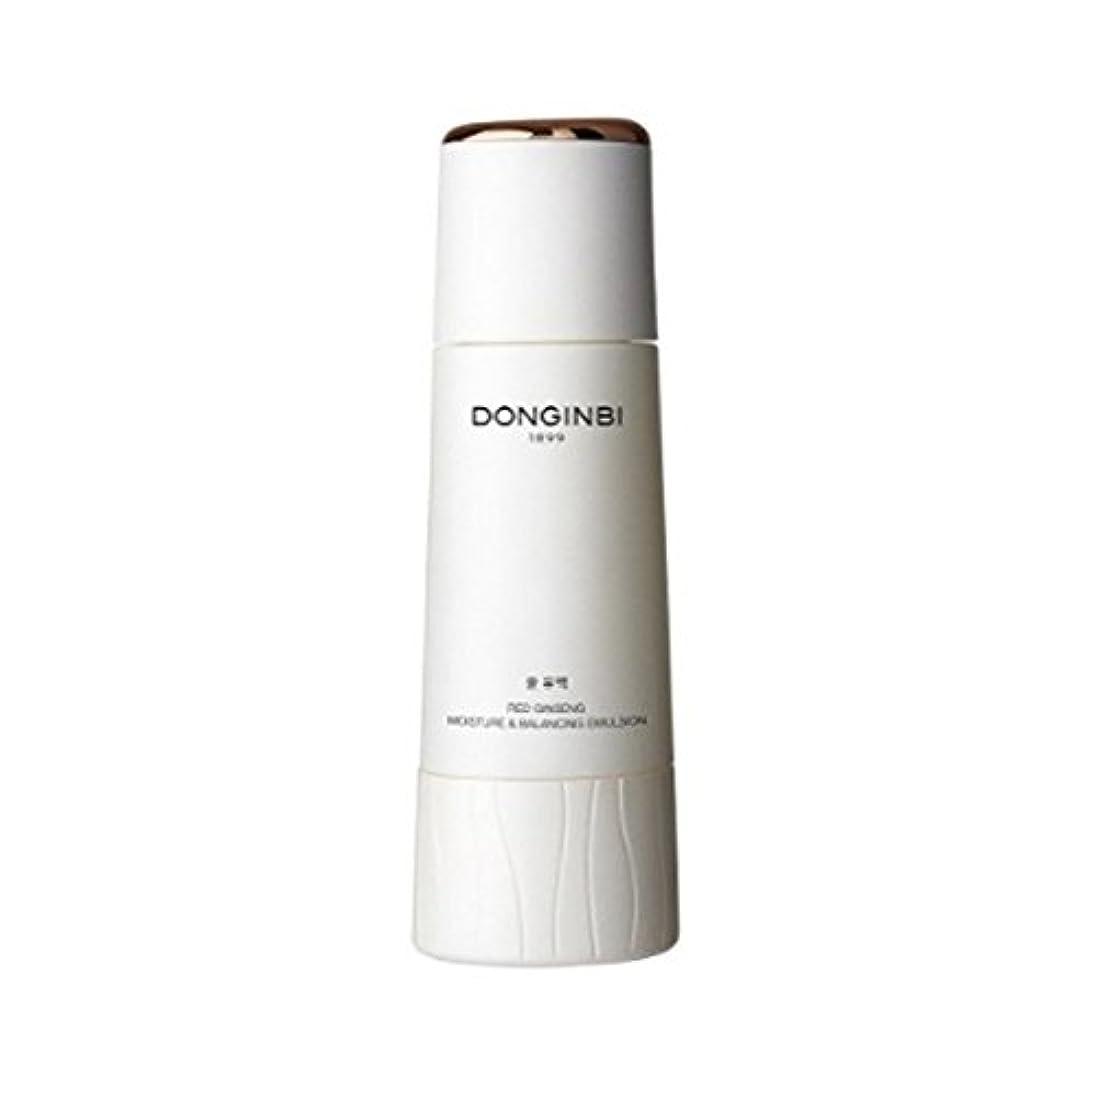 [ドンインビ]DONGINBI ドンインビユン 乳液 130ml 海外直送品 Emulsion130ml [並行輸入品]